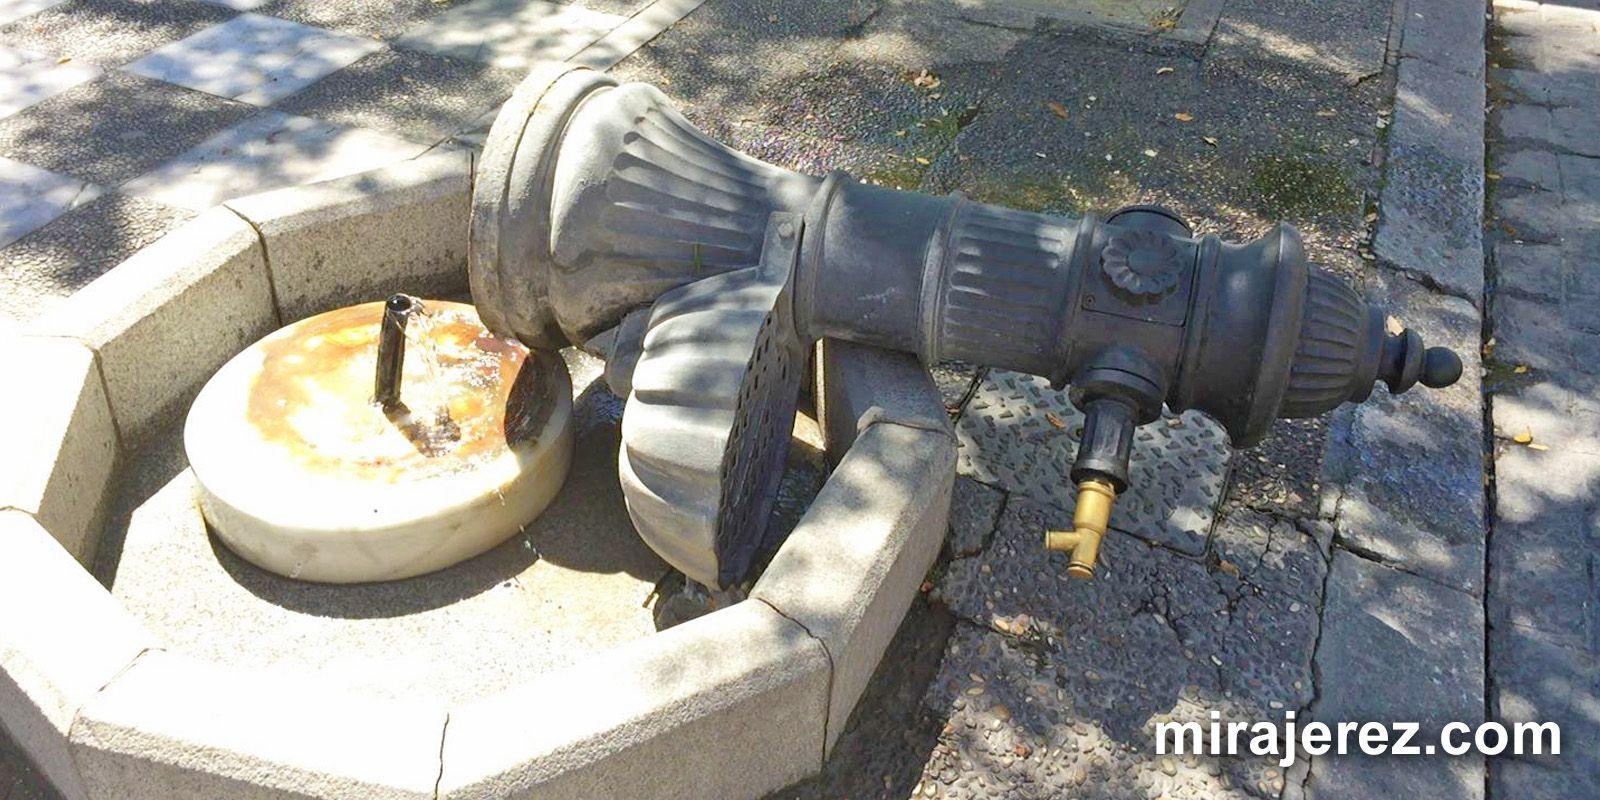 Estado de la fuente tras el intento de robo, 21 AGO 2016 | Juan Carlos Corchado para MIRA Jerez